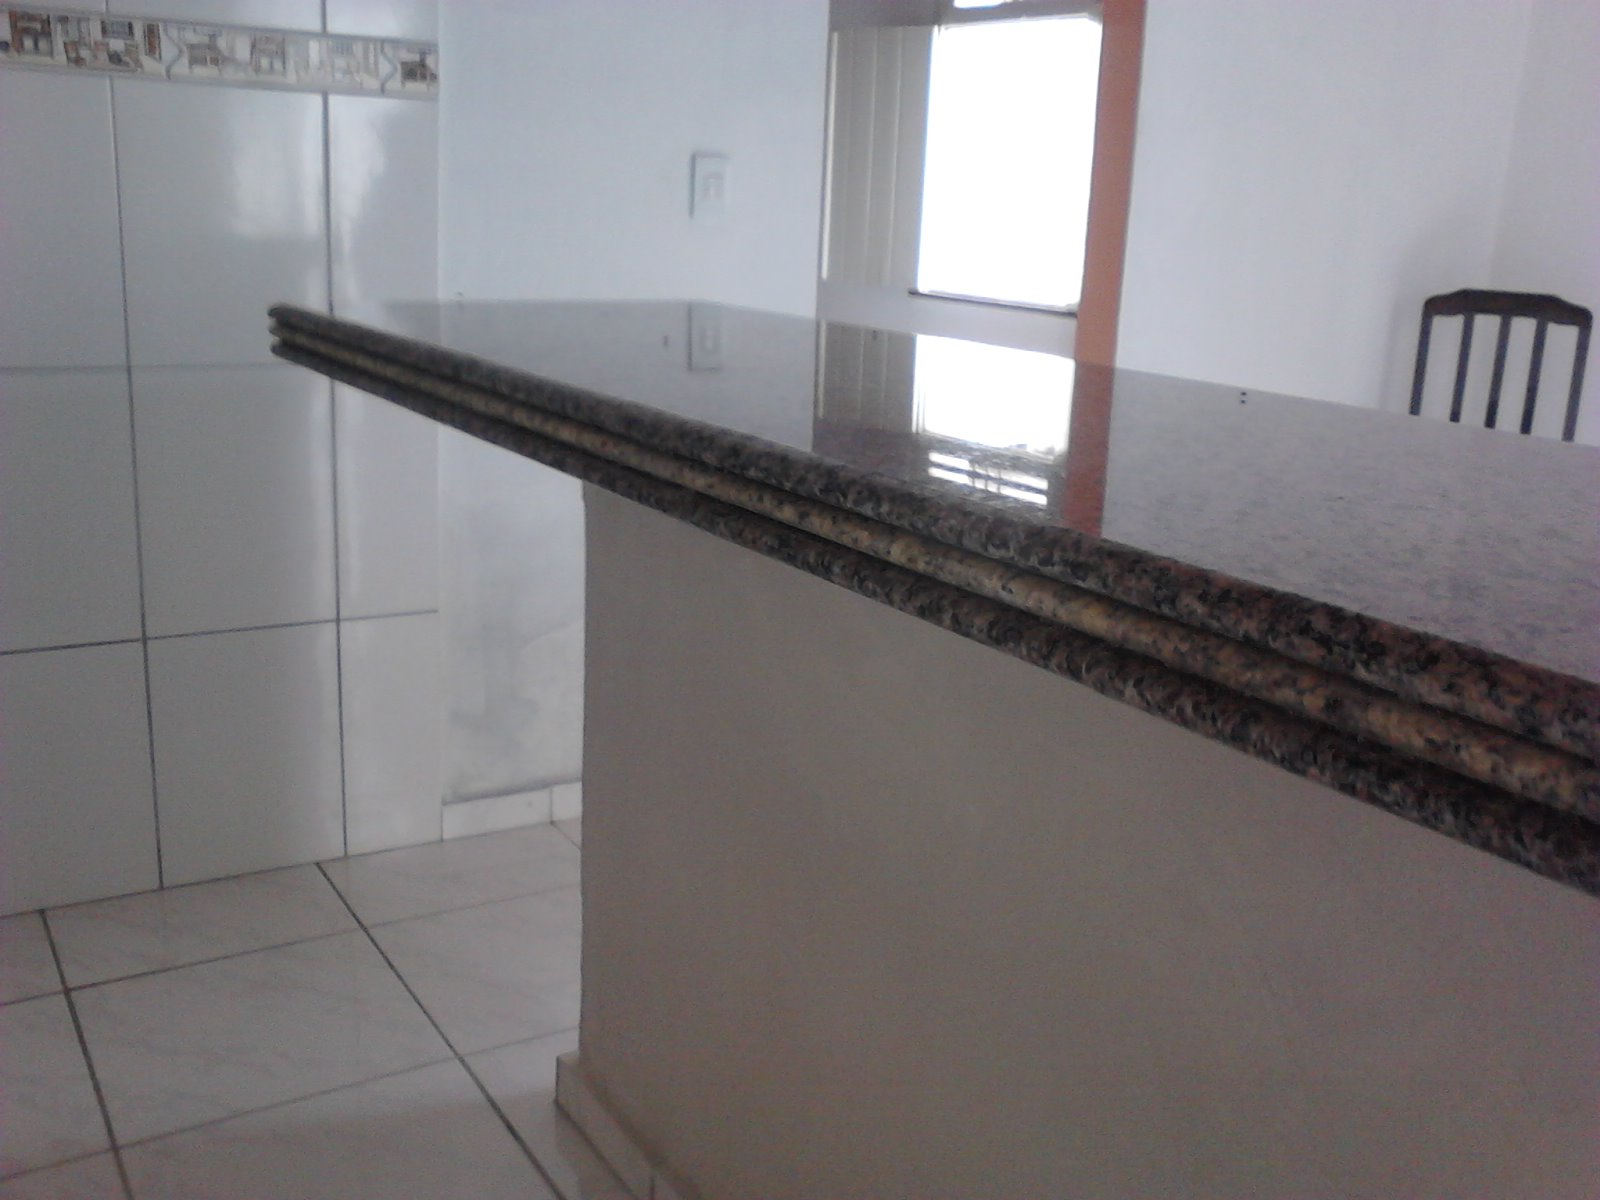 #5A6471 Casa Nova Marmores e Granitos A qualidade faz toda a diferença  1600x1200 px Balcao De Cozinha Americana Marmore #2431 imagens